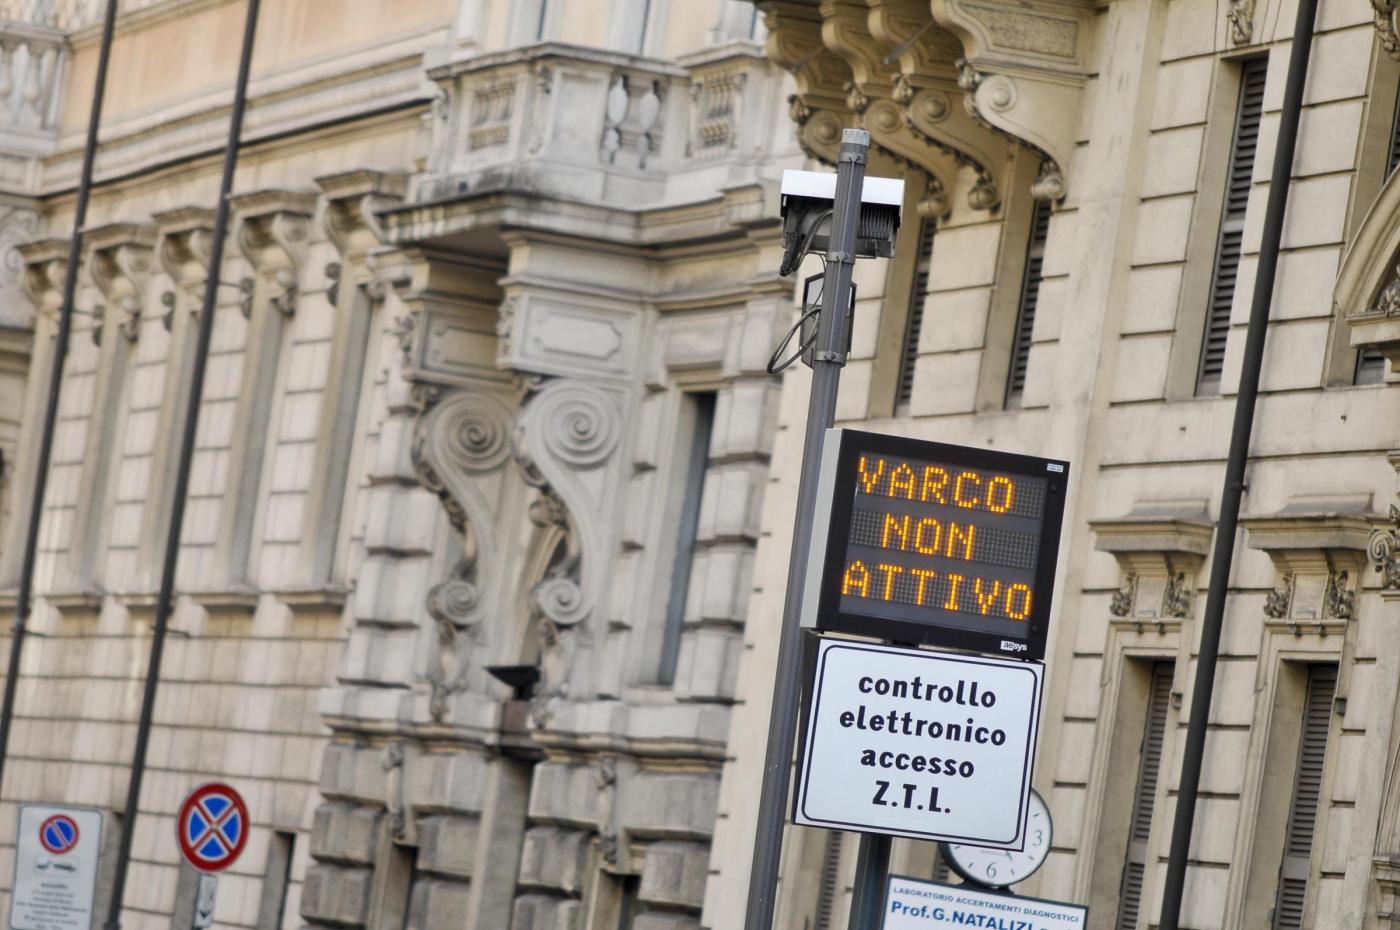 Falsi permessi per la Ztl di Roma: indagati Guido e Luca Fendi